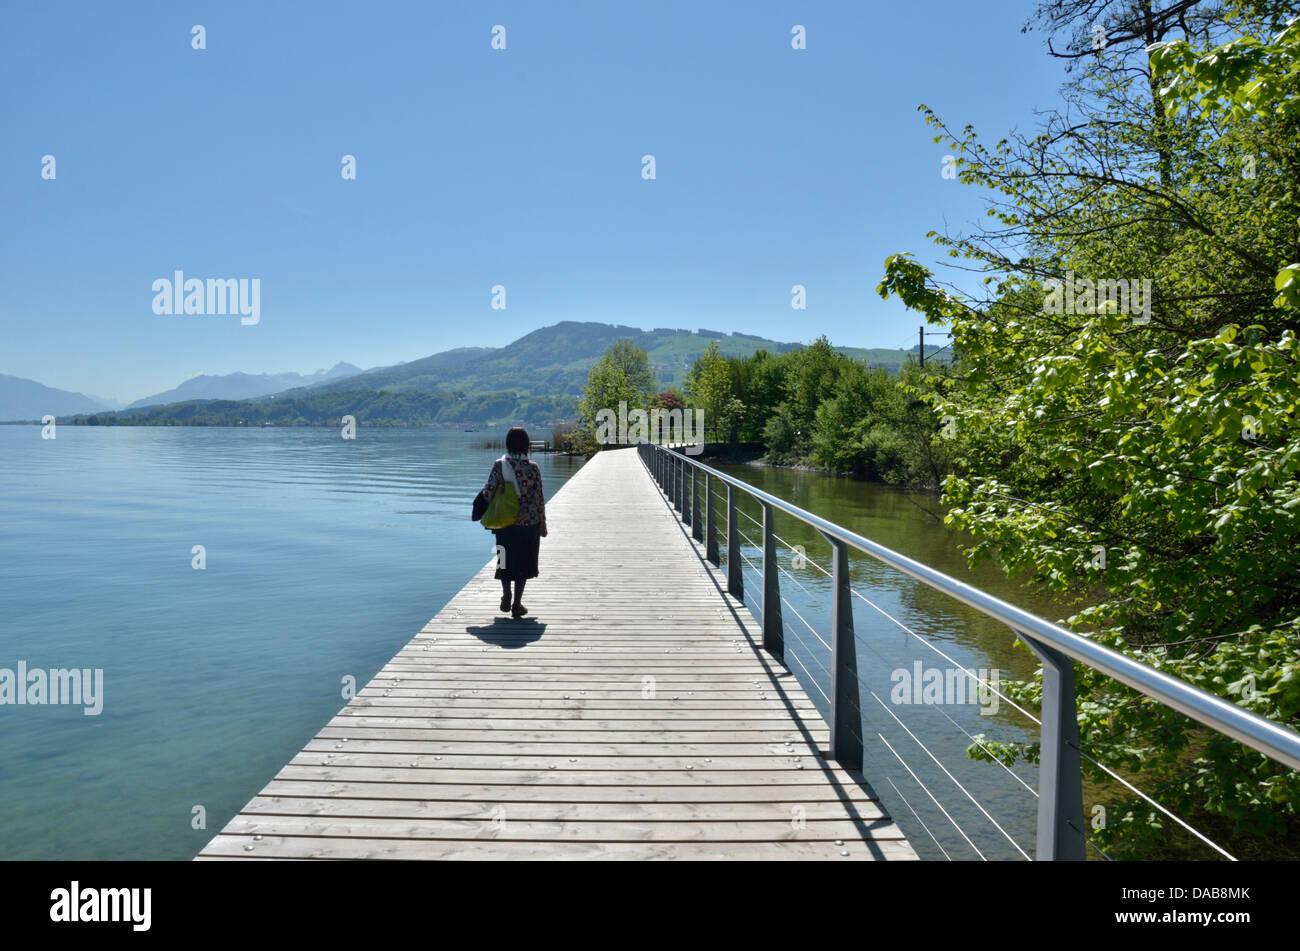 Causeway in legno sul lago di Zurigo vicino a Wädenswil, Svizzera Immagini Stock